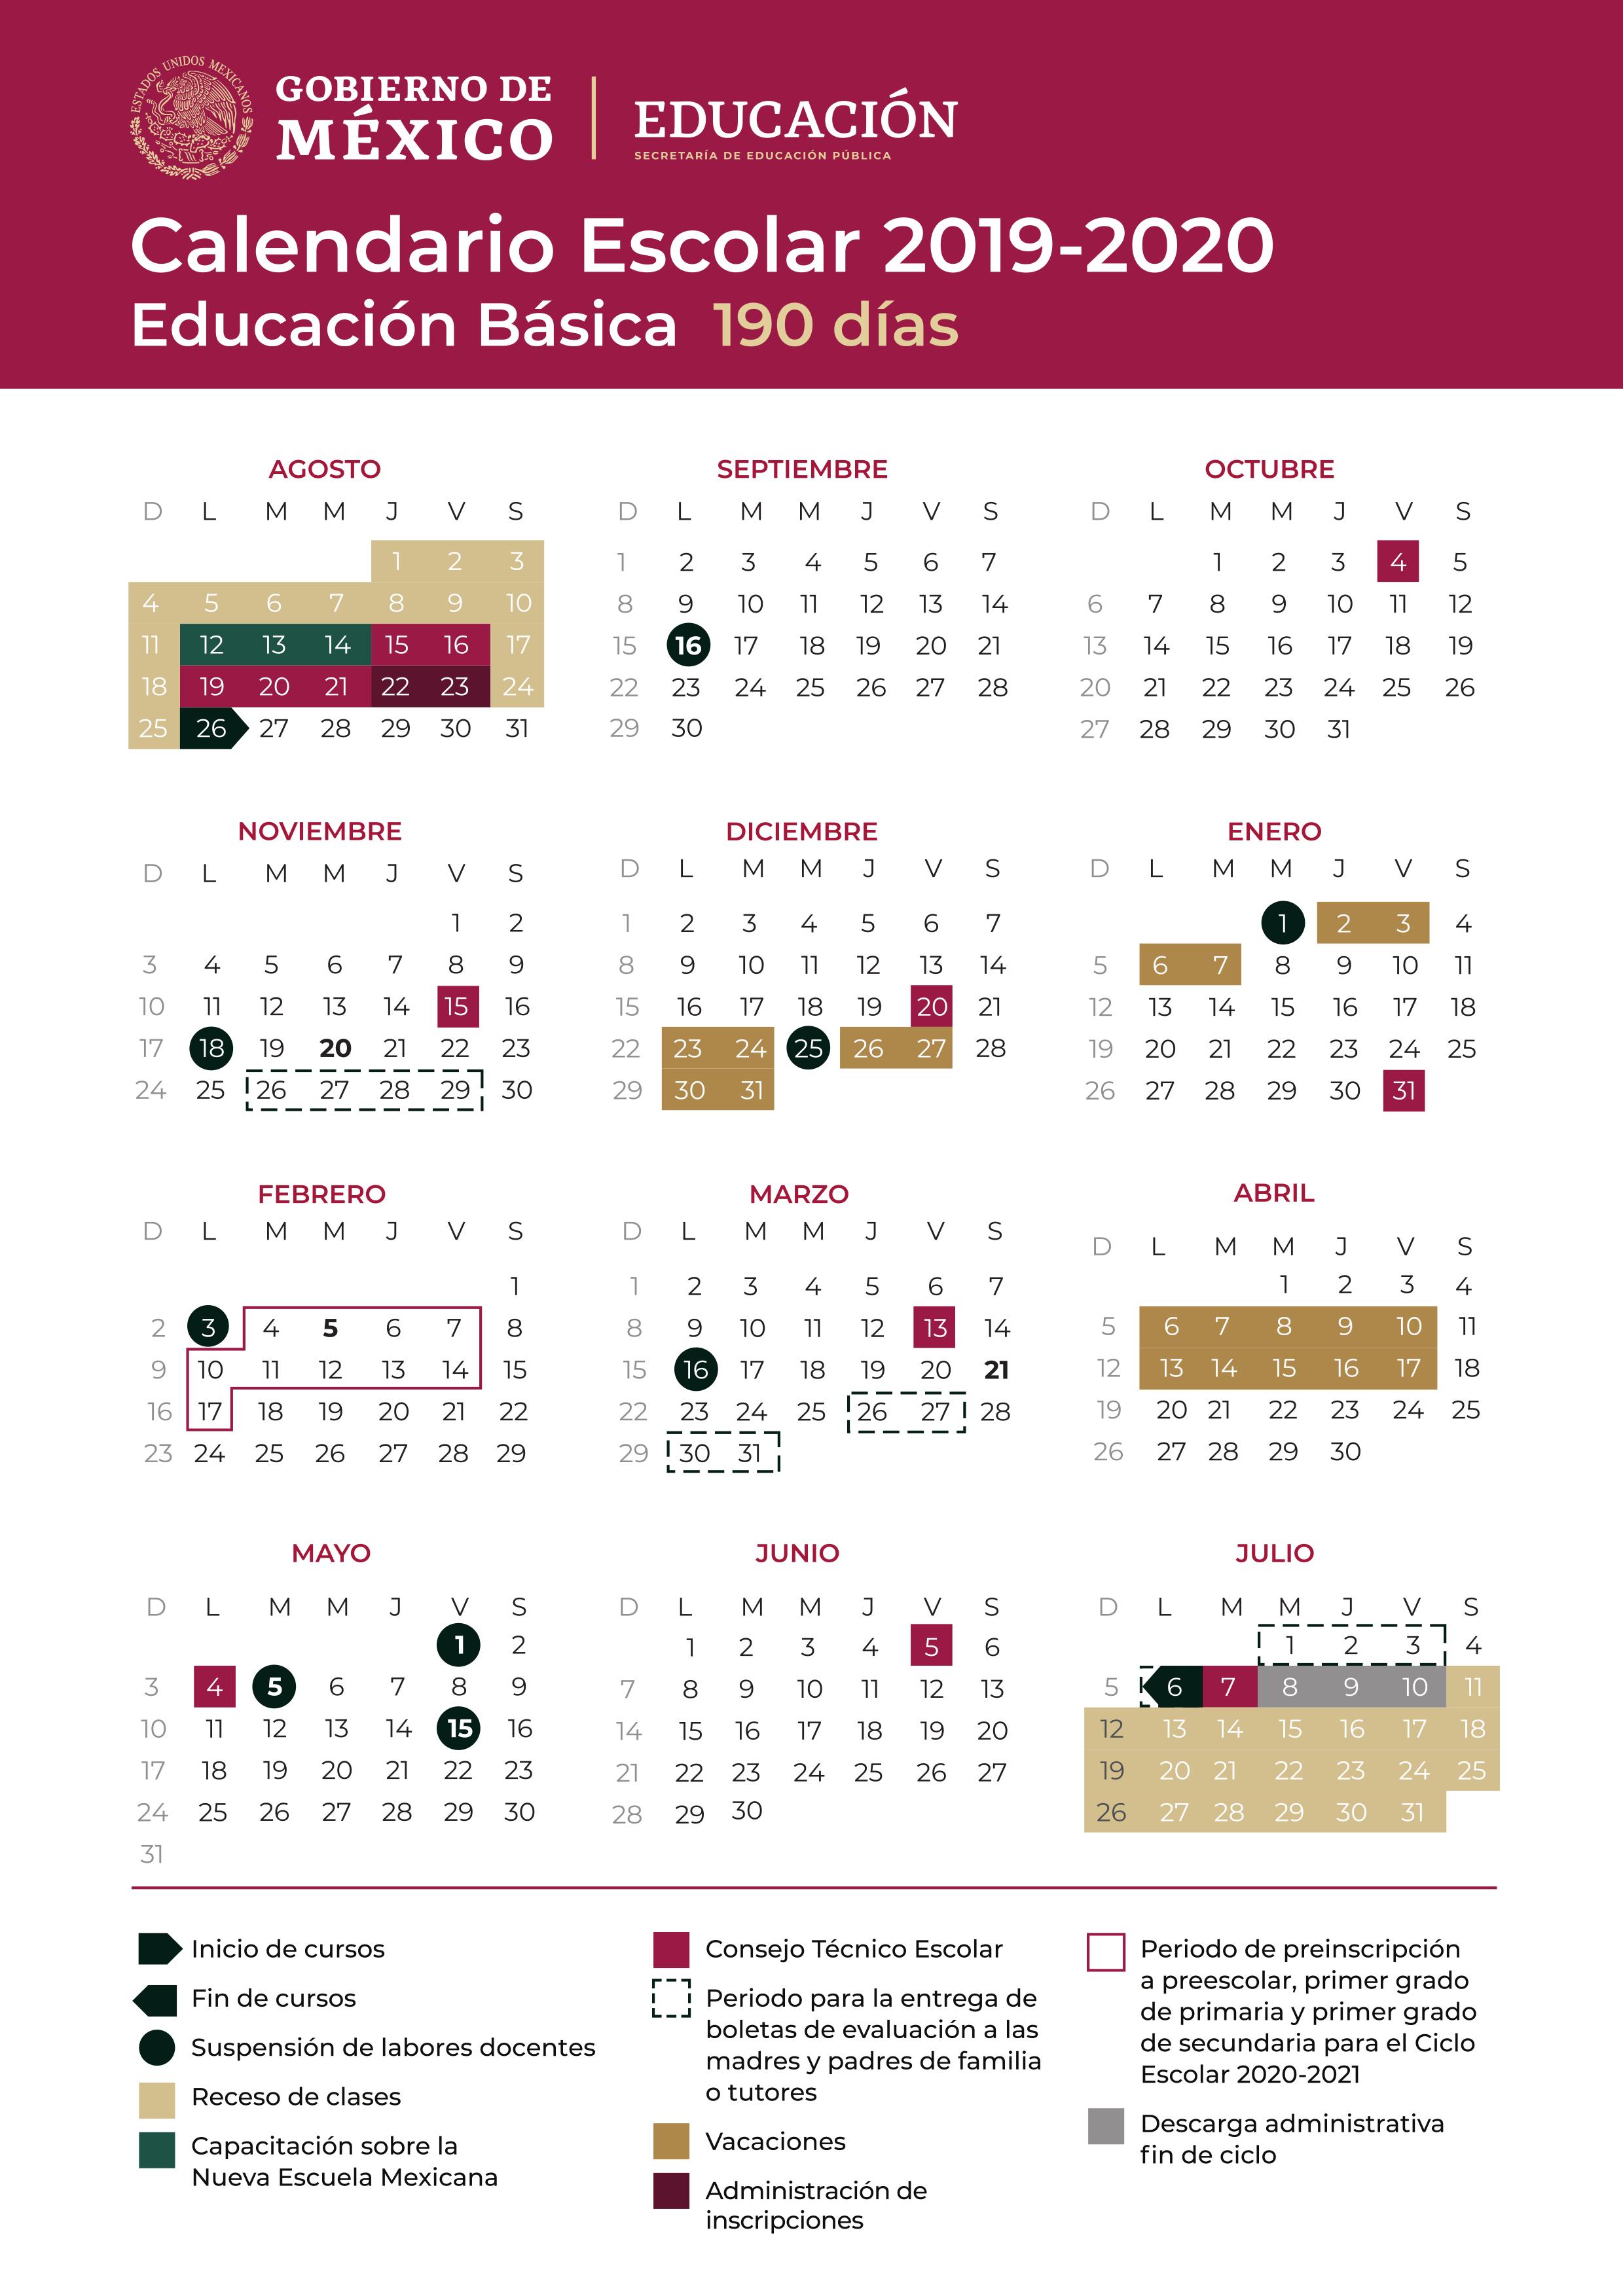 Calendario Escolar Oficial Sep 2019-2020 - Calendariolaboral.mx inside Calendario Liga Mx 2019 2020